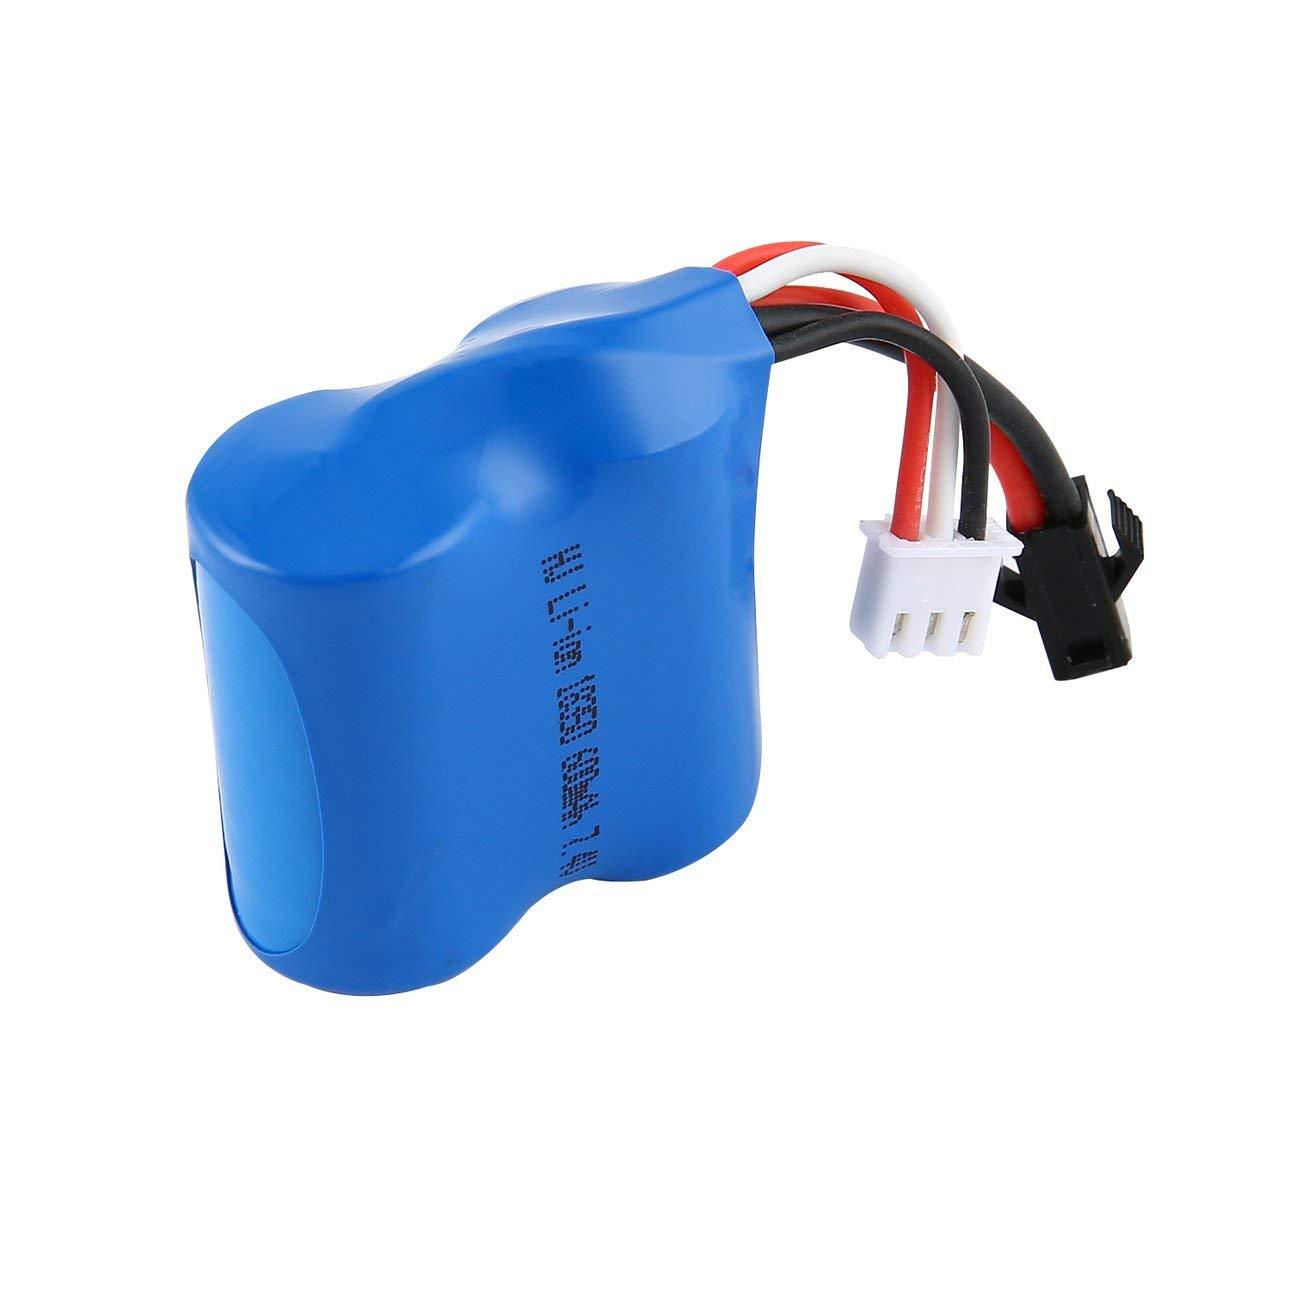 Ballylelly Batterie Li-ION pour Bateau RC 7.4V 600mAh pour Bateau RC Skytech H100 H102 H106 Syma Q2 Q3 de